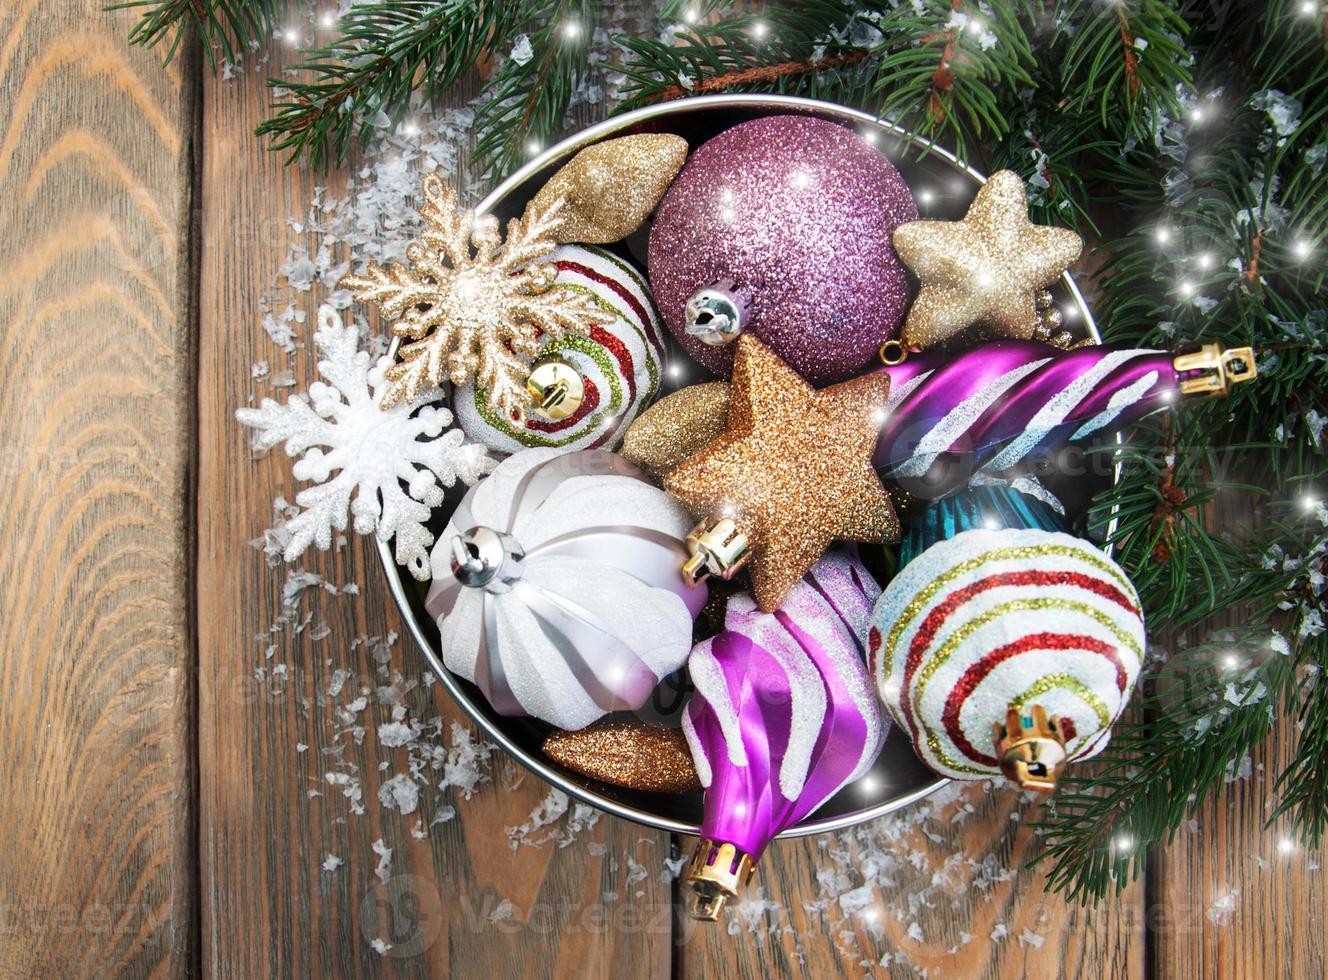 kerstversiering kerstballen foto